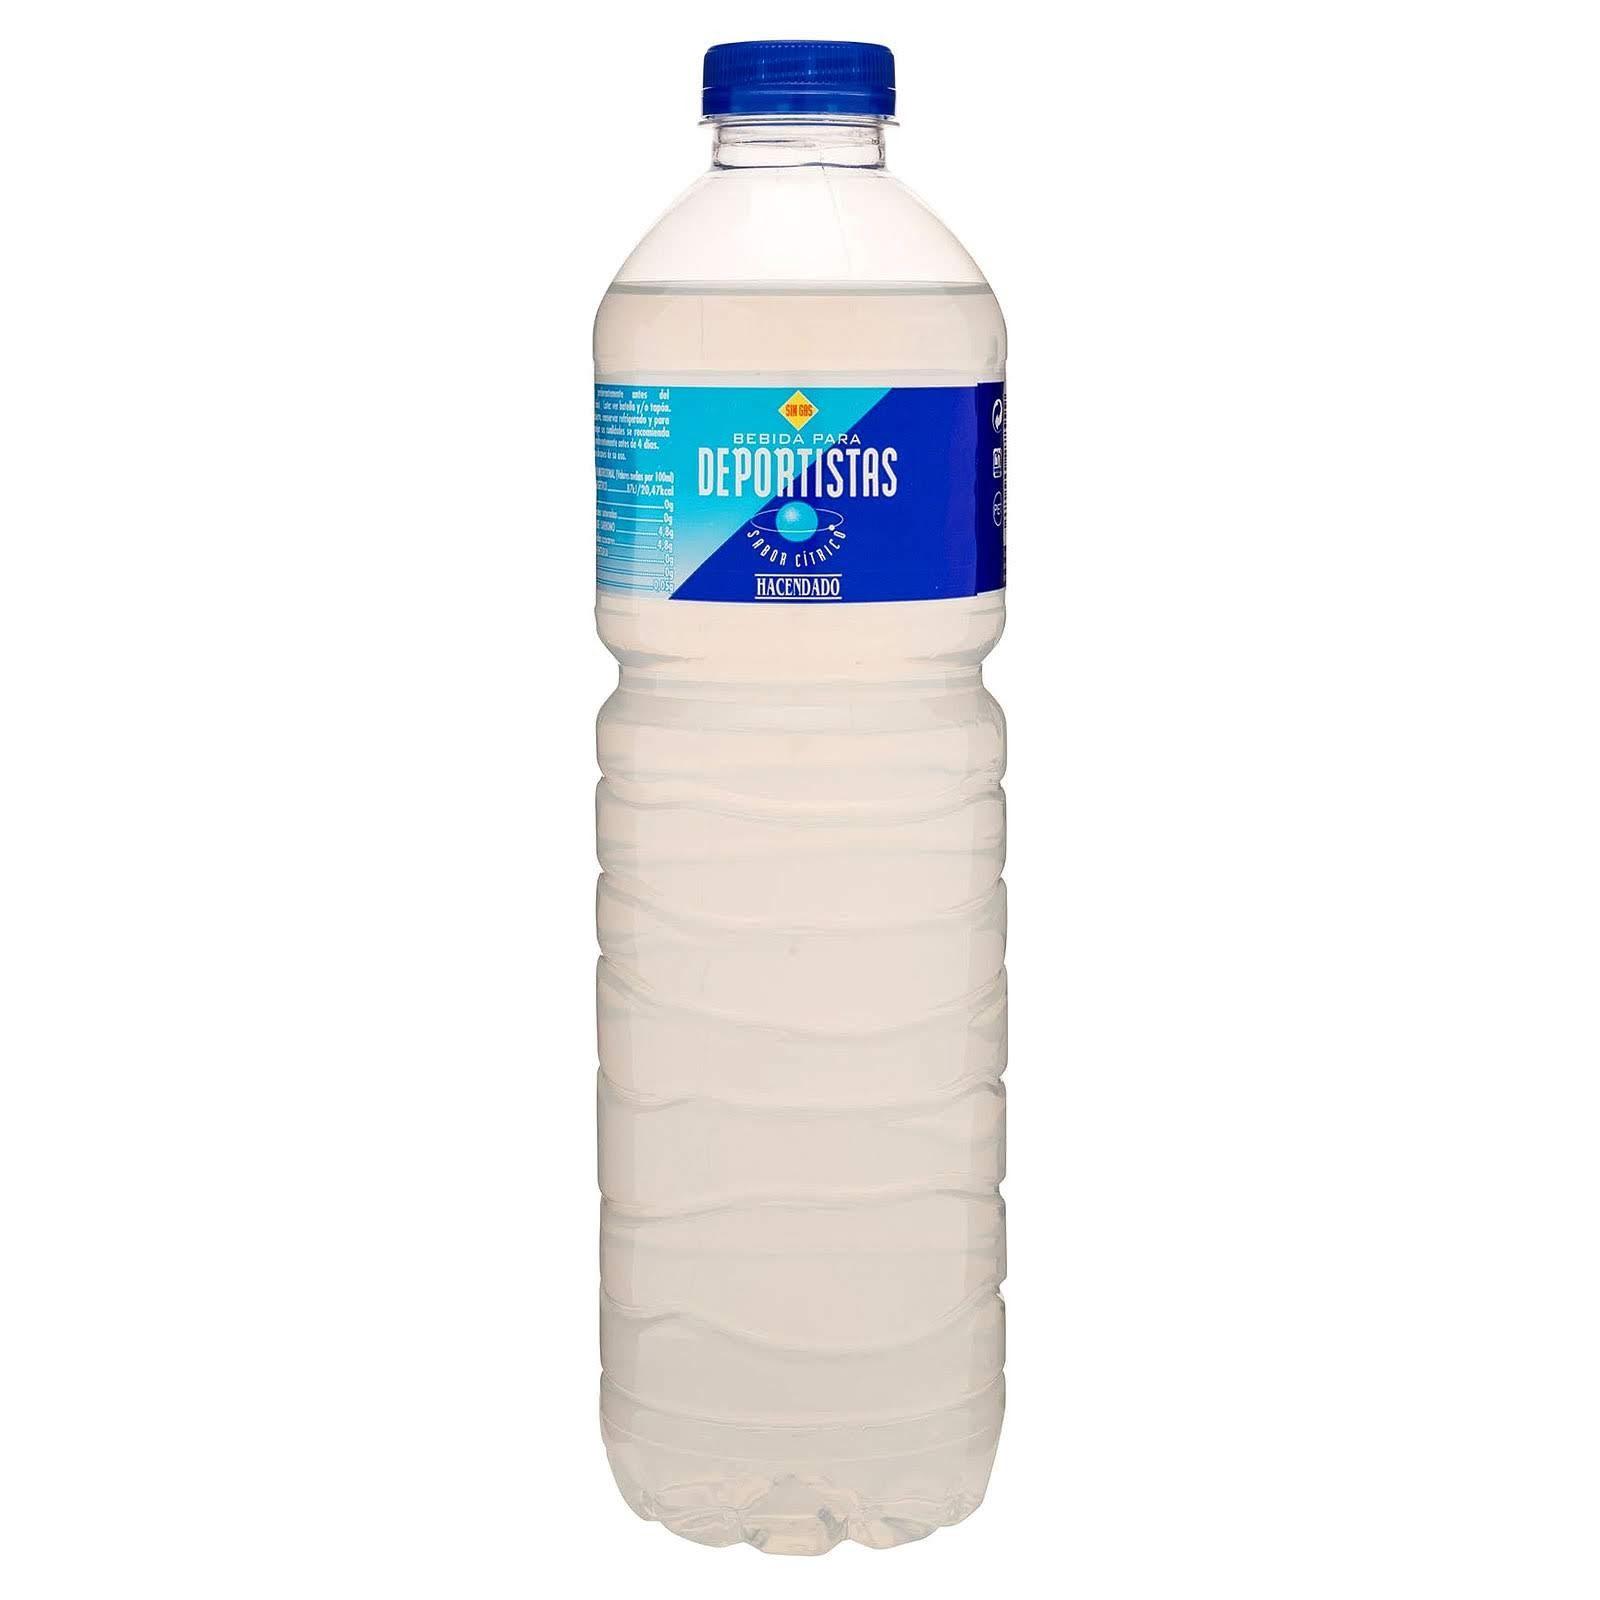 bebida-para-deportistas-sabor-citrico-hacendado-mercadona-1-4099277